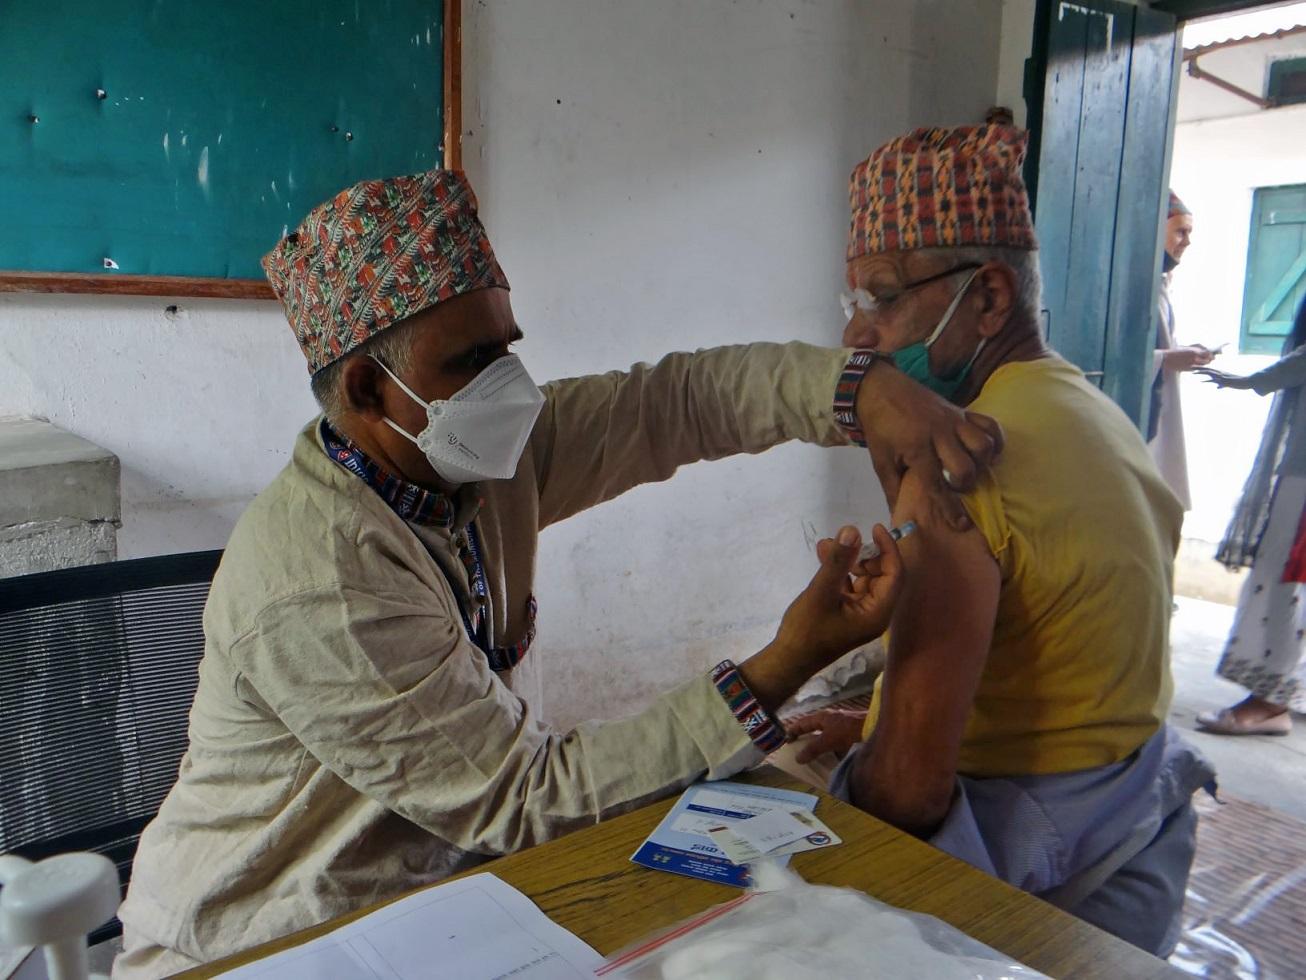 Refugiado butanês Bhakti Prasad Baral, de 83 anos, recebe vacinação contra a covid-19 no assentamento de refugiados de Beldangi em Damak, distrito de Jhapa, província 1 no leste do Nepal. Foto ACNUR. Dezembro/2020